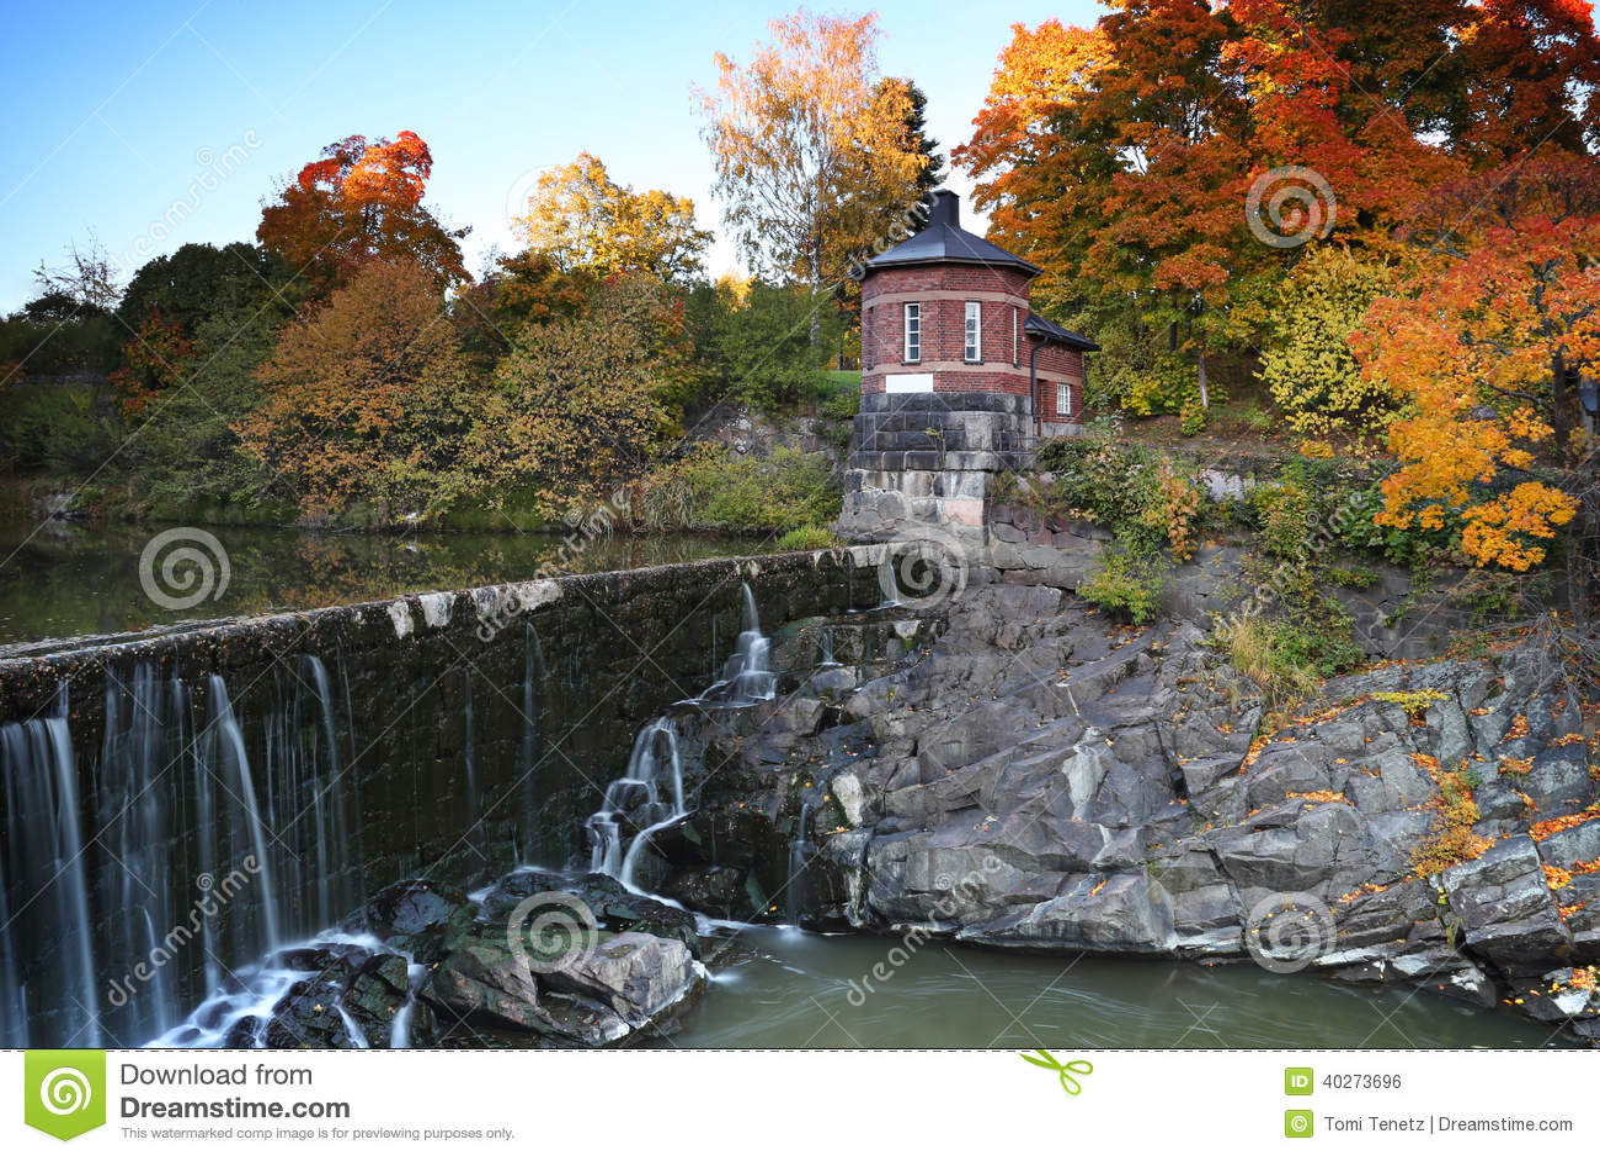 Finnland: Herbst in Helsinki